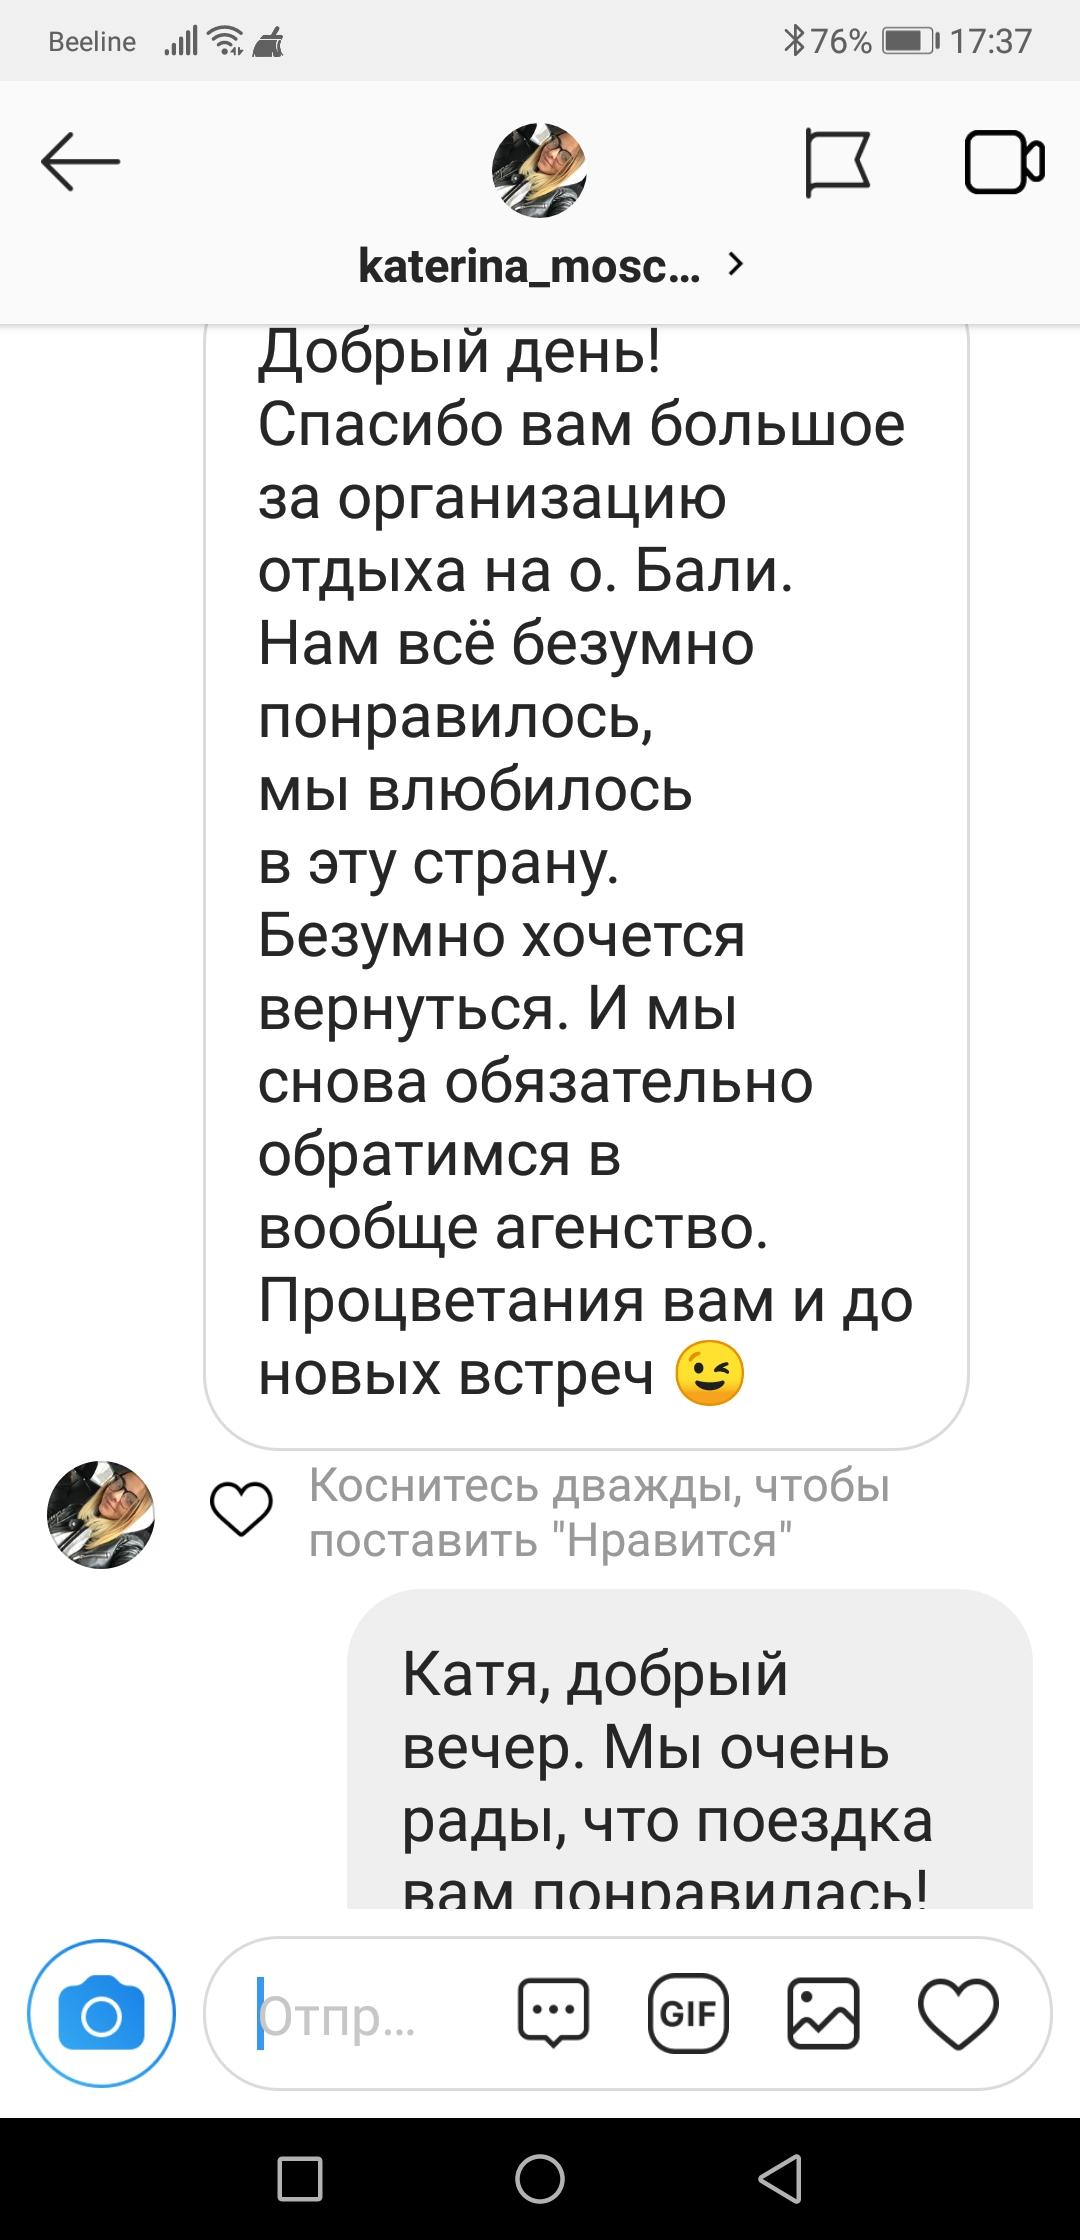 ad63c4eac Турагентство Калипсо Адвентурс Calipso Adventures Турфирма Москвы.